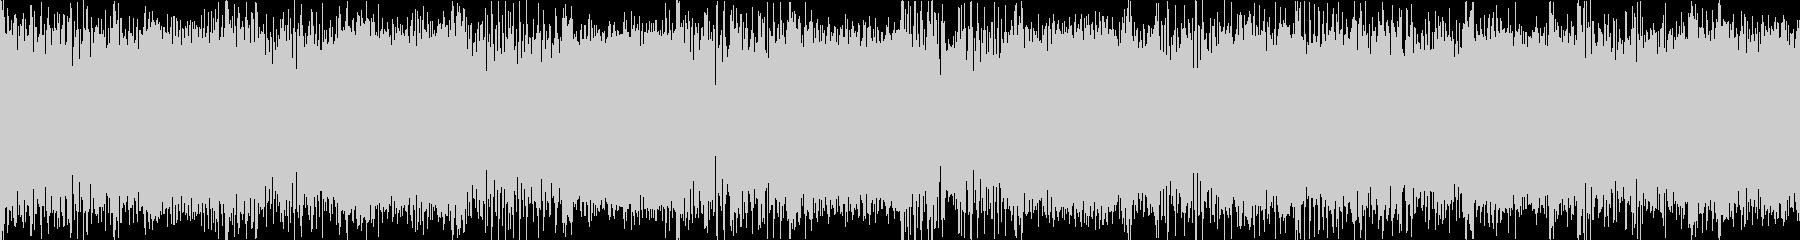 プレイヤーセレクト メタル ループの未再生の波形